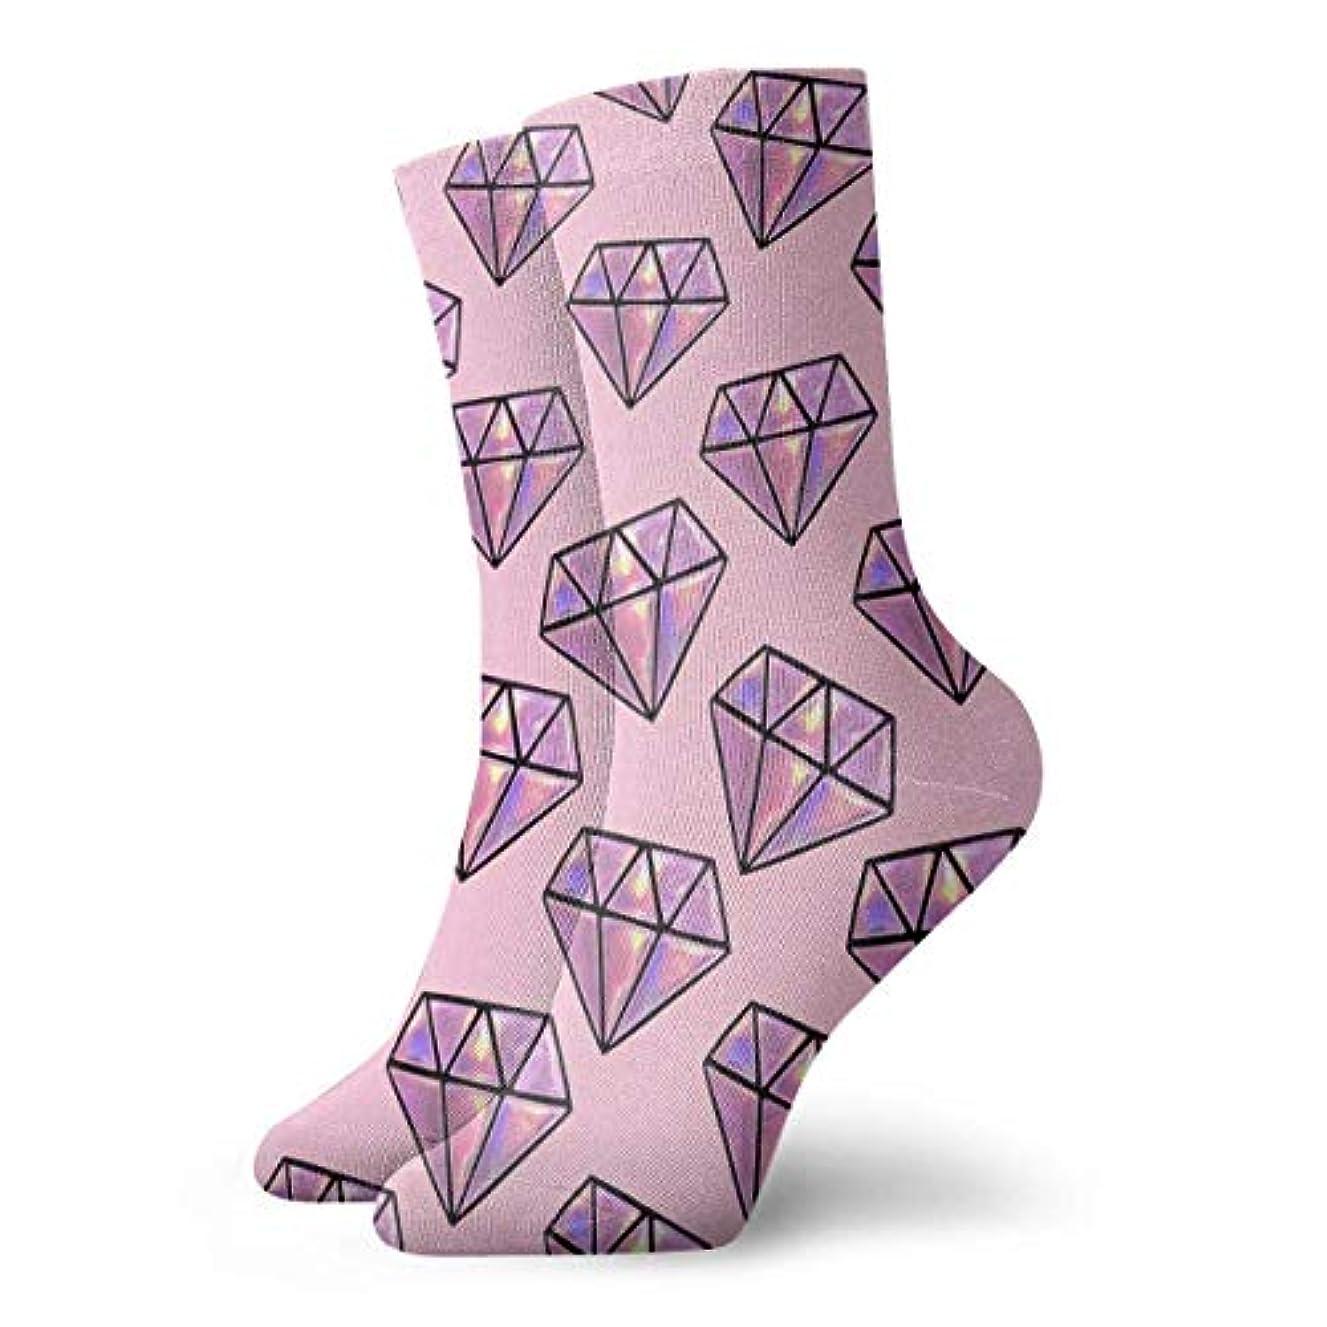 を通して遠え激しいソファクリスマスソックスシルエットピンクソックス靴下柄夏柄柄生地